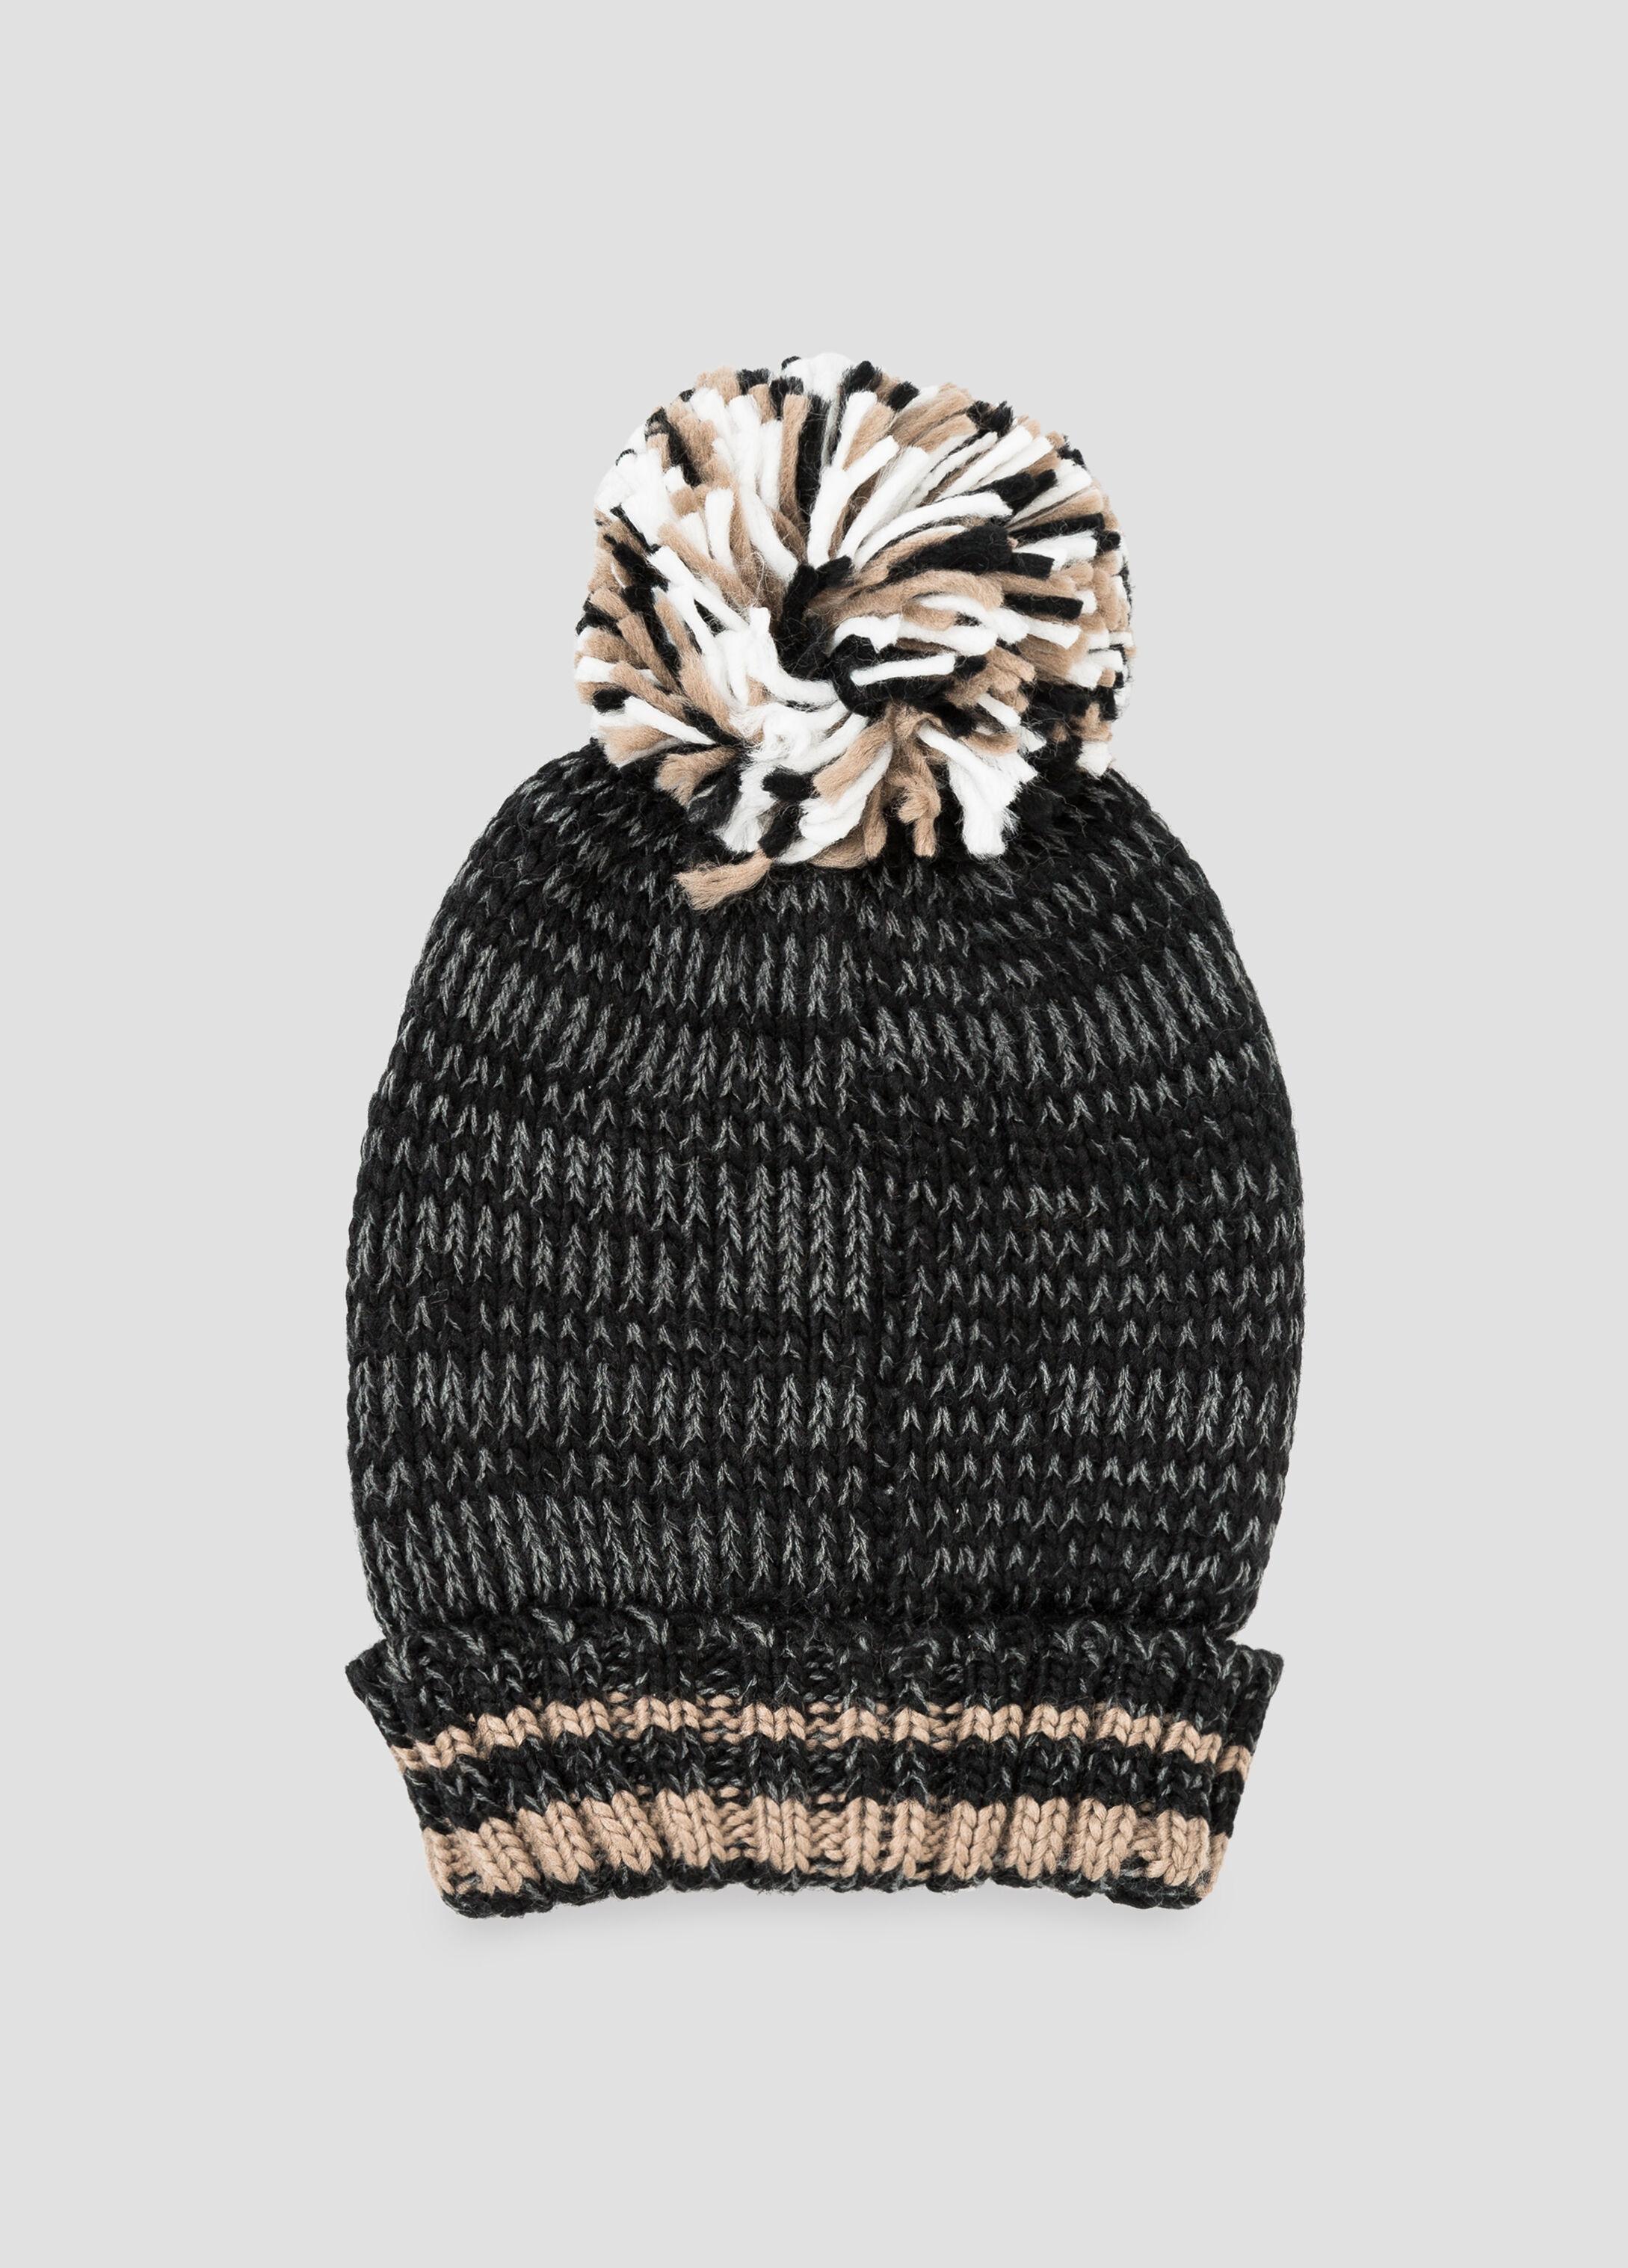 Brrrrr Striped Pom Pom Beanie